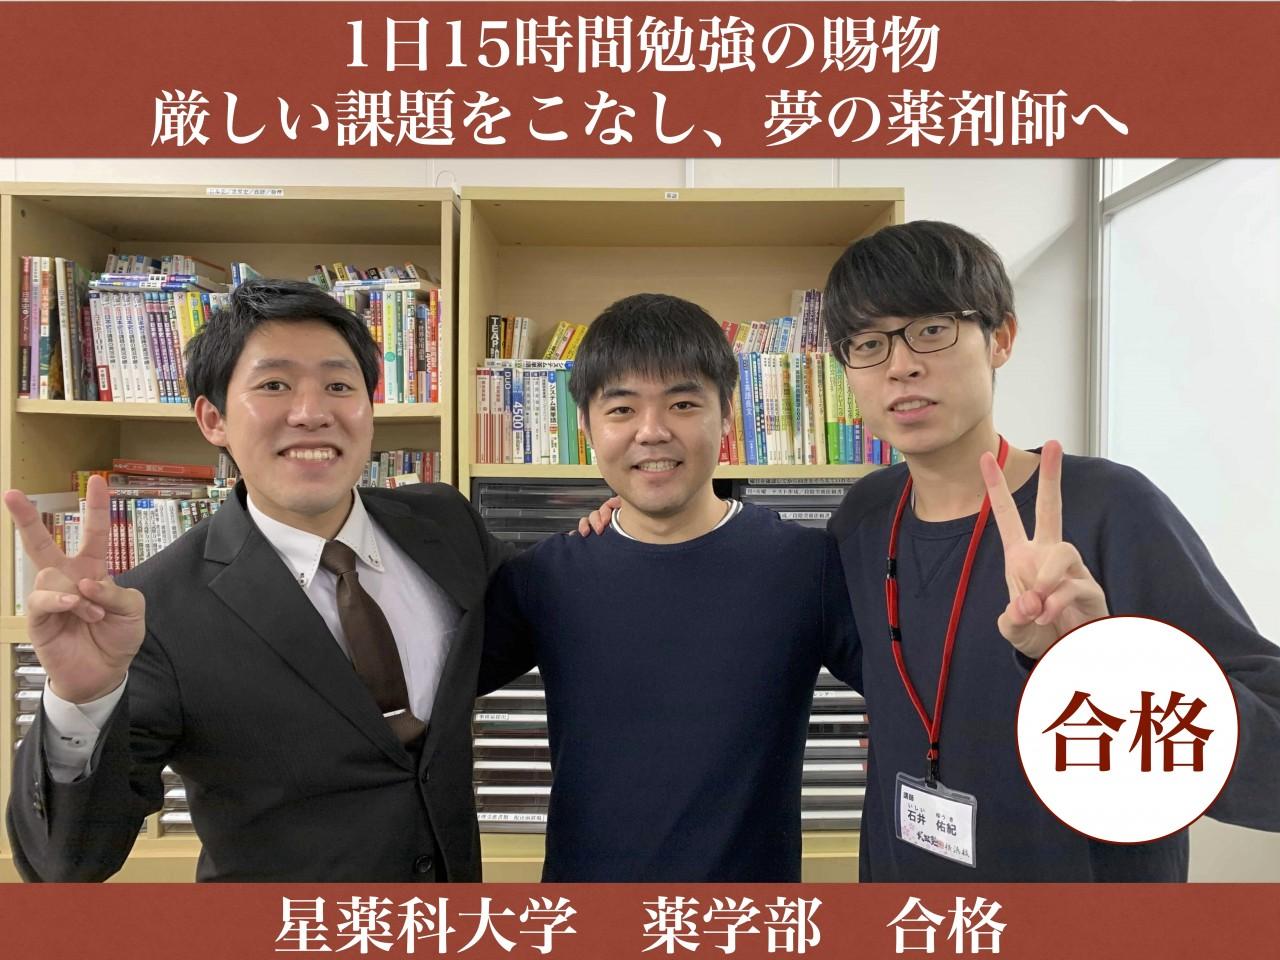 目崎くん 星薬科大学 薬学部合格